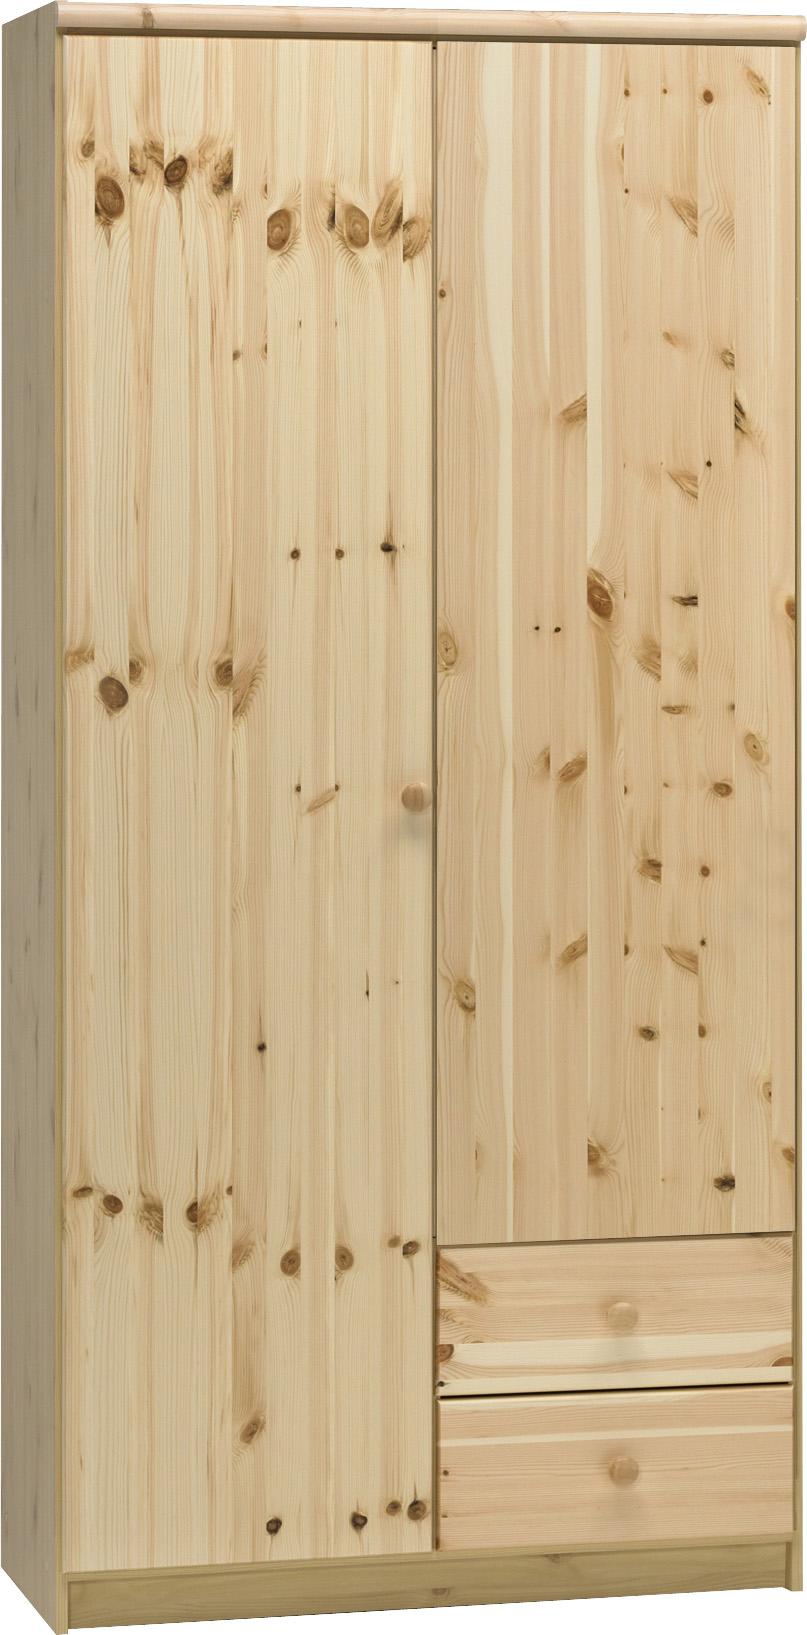 Šatní skříň z borovice Axel